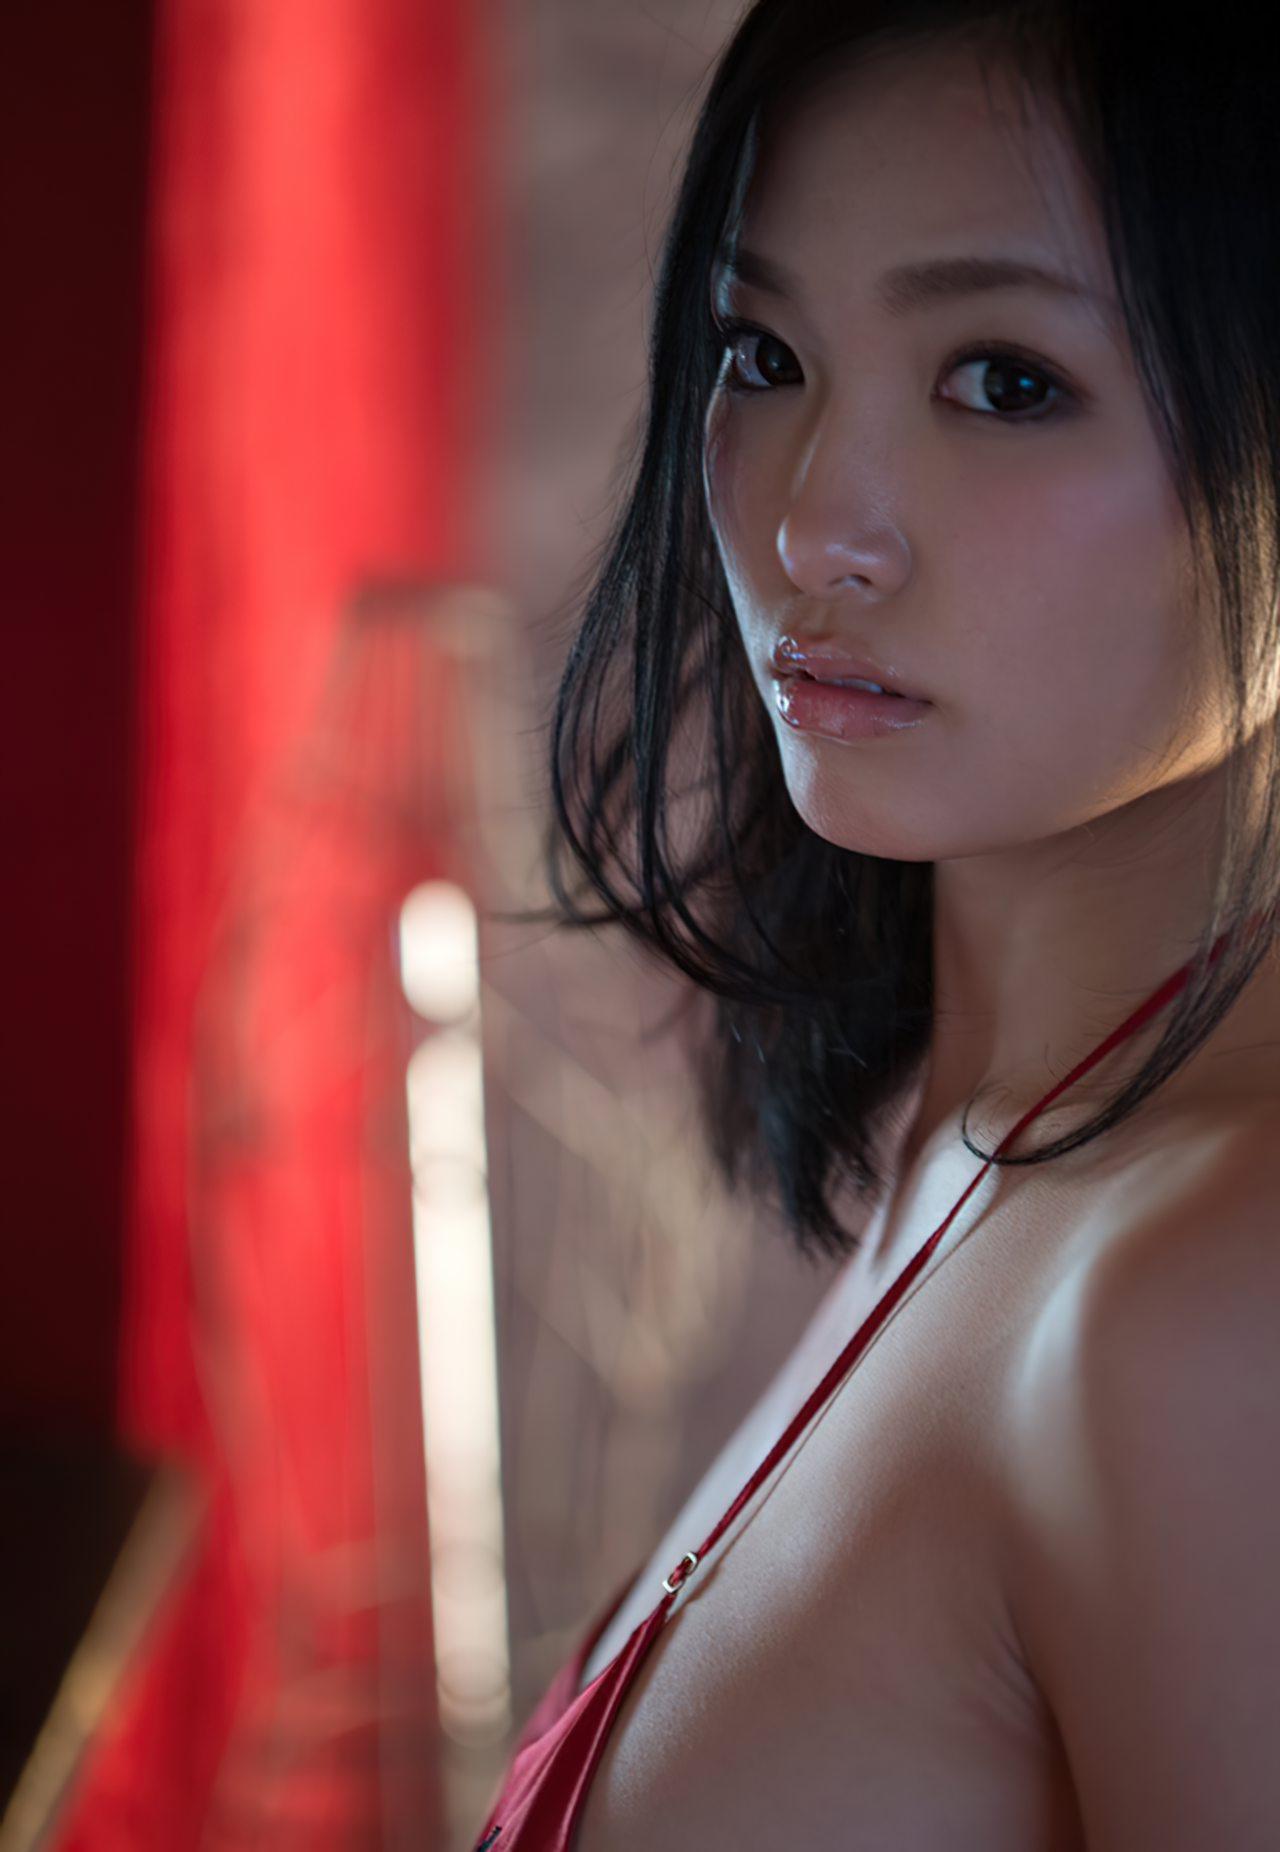 Japonesa Nua Bonita (1)